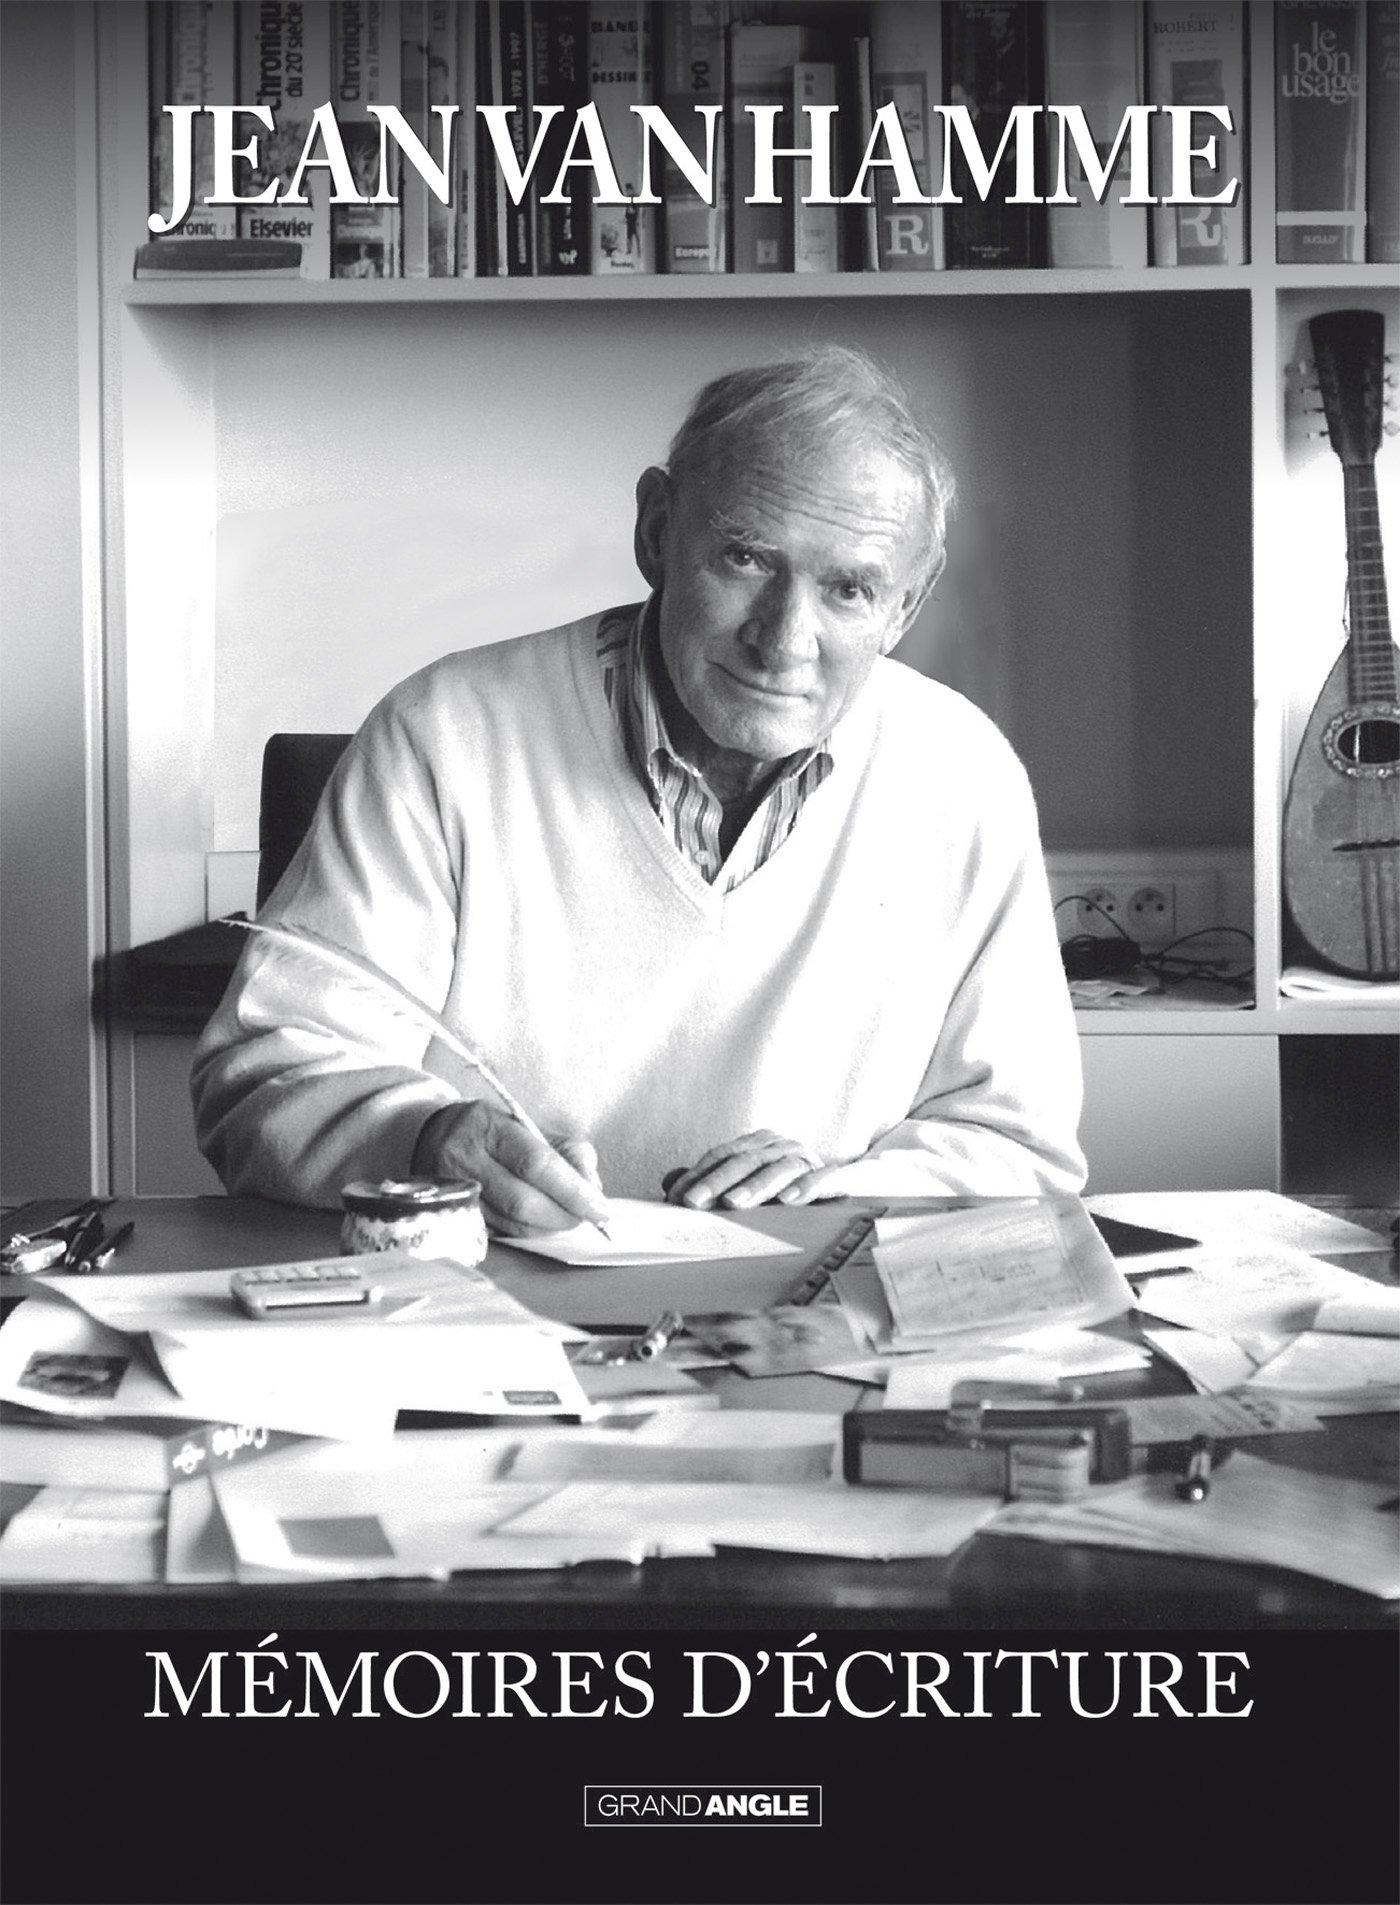 Lecture : Mémoires d'écriture (Jean Van Hamme)